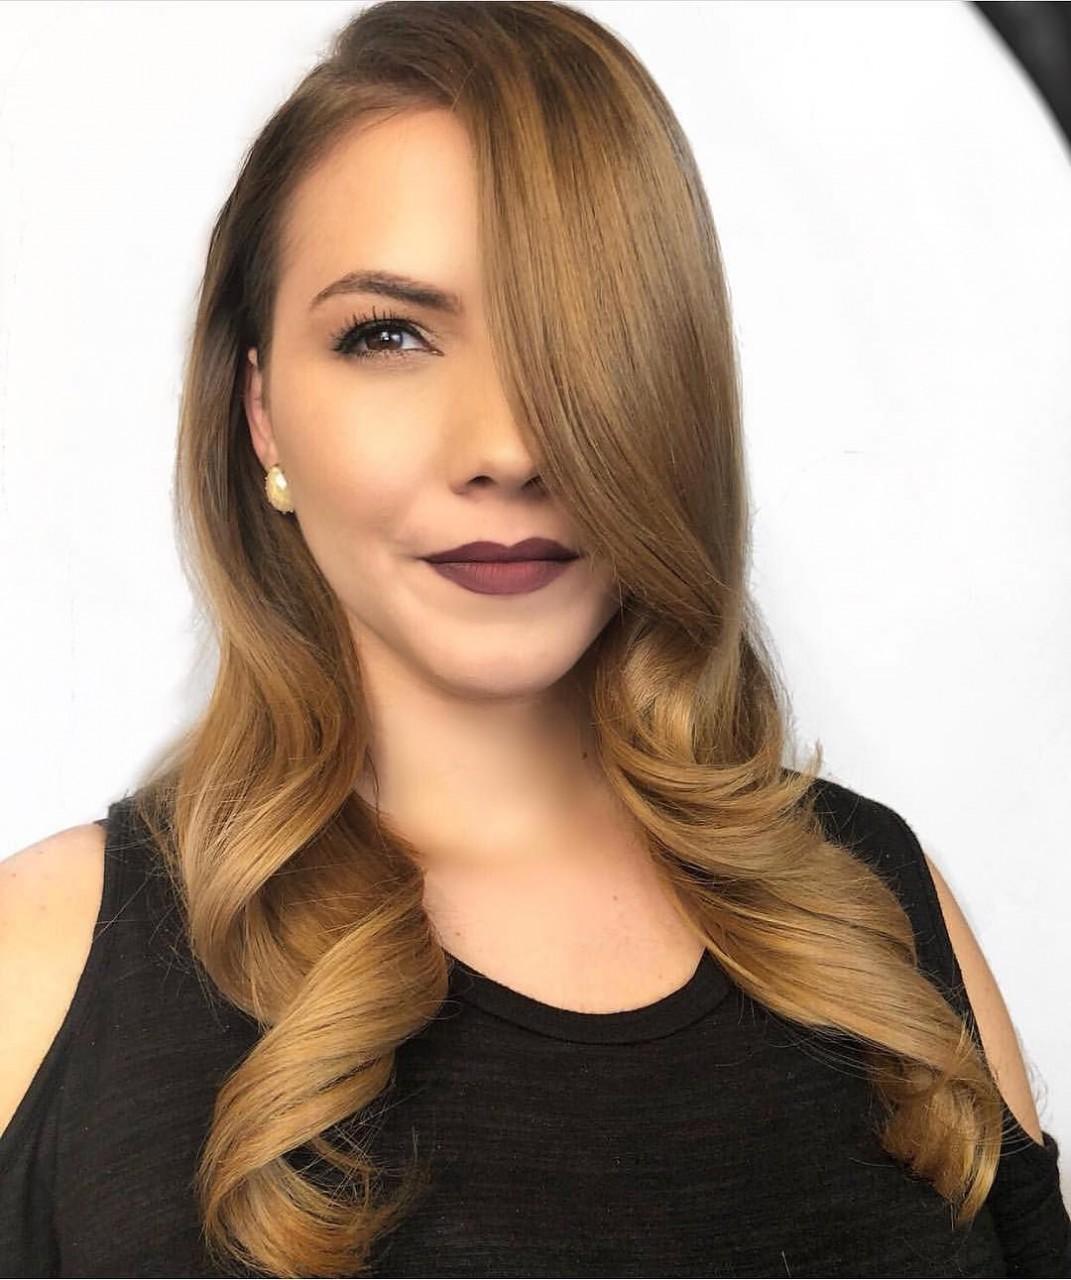 Красота для ленивых: 7 способов выглядеть ухоженно, если не хочется укладывать волосы